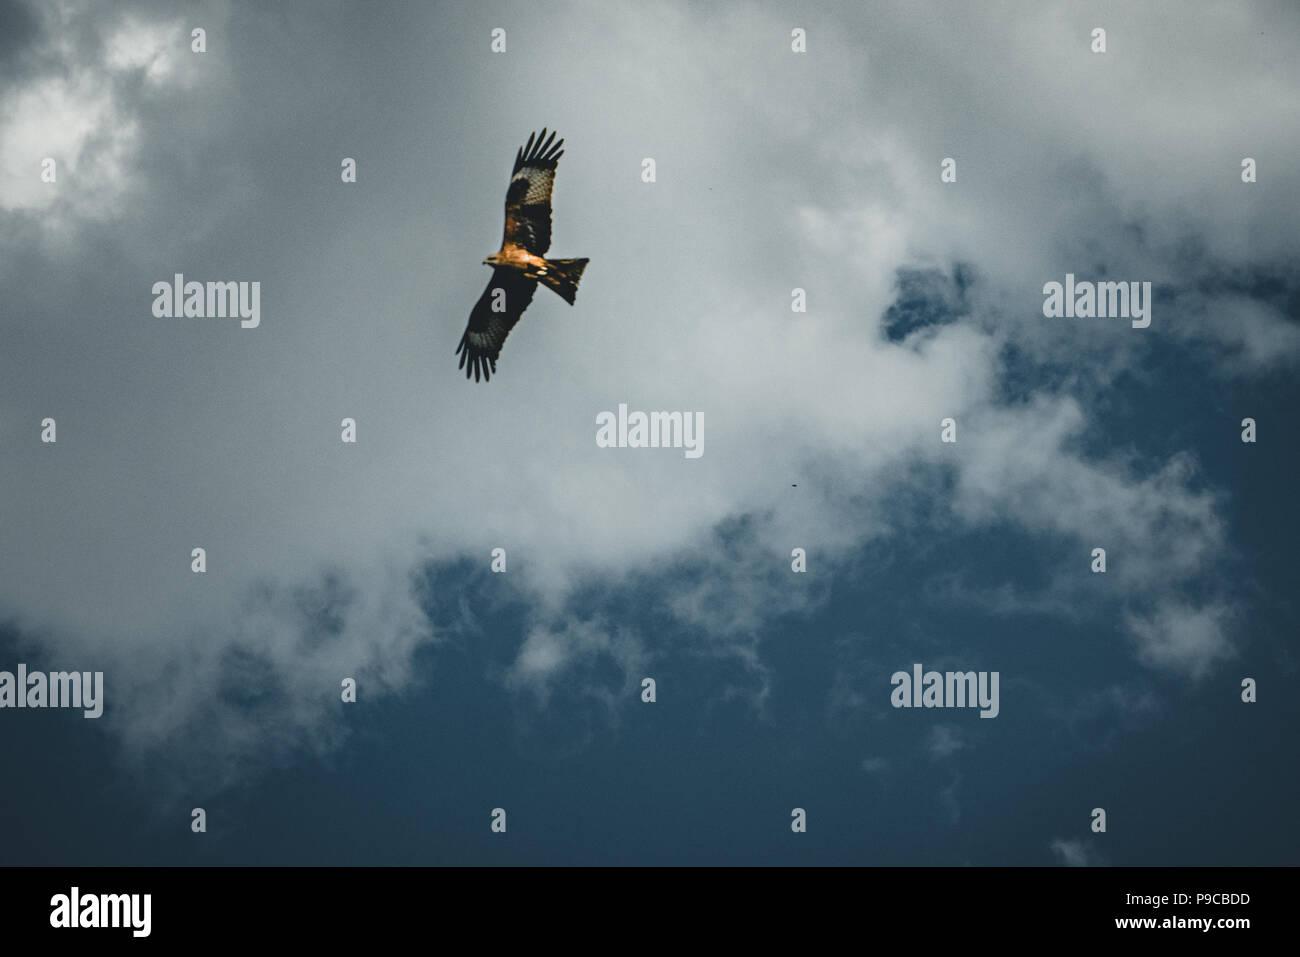 Adler fliegen über blauen Himmel und Wolken Stockbild